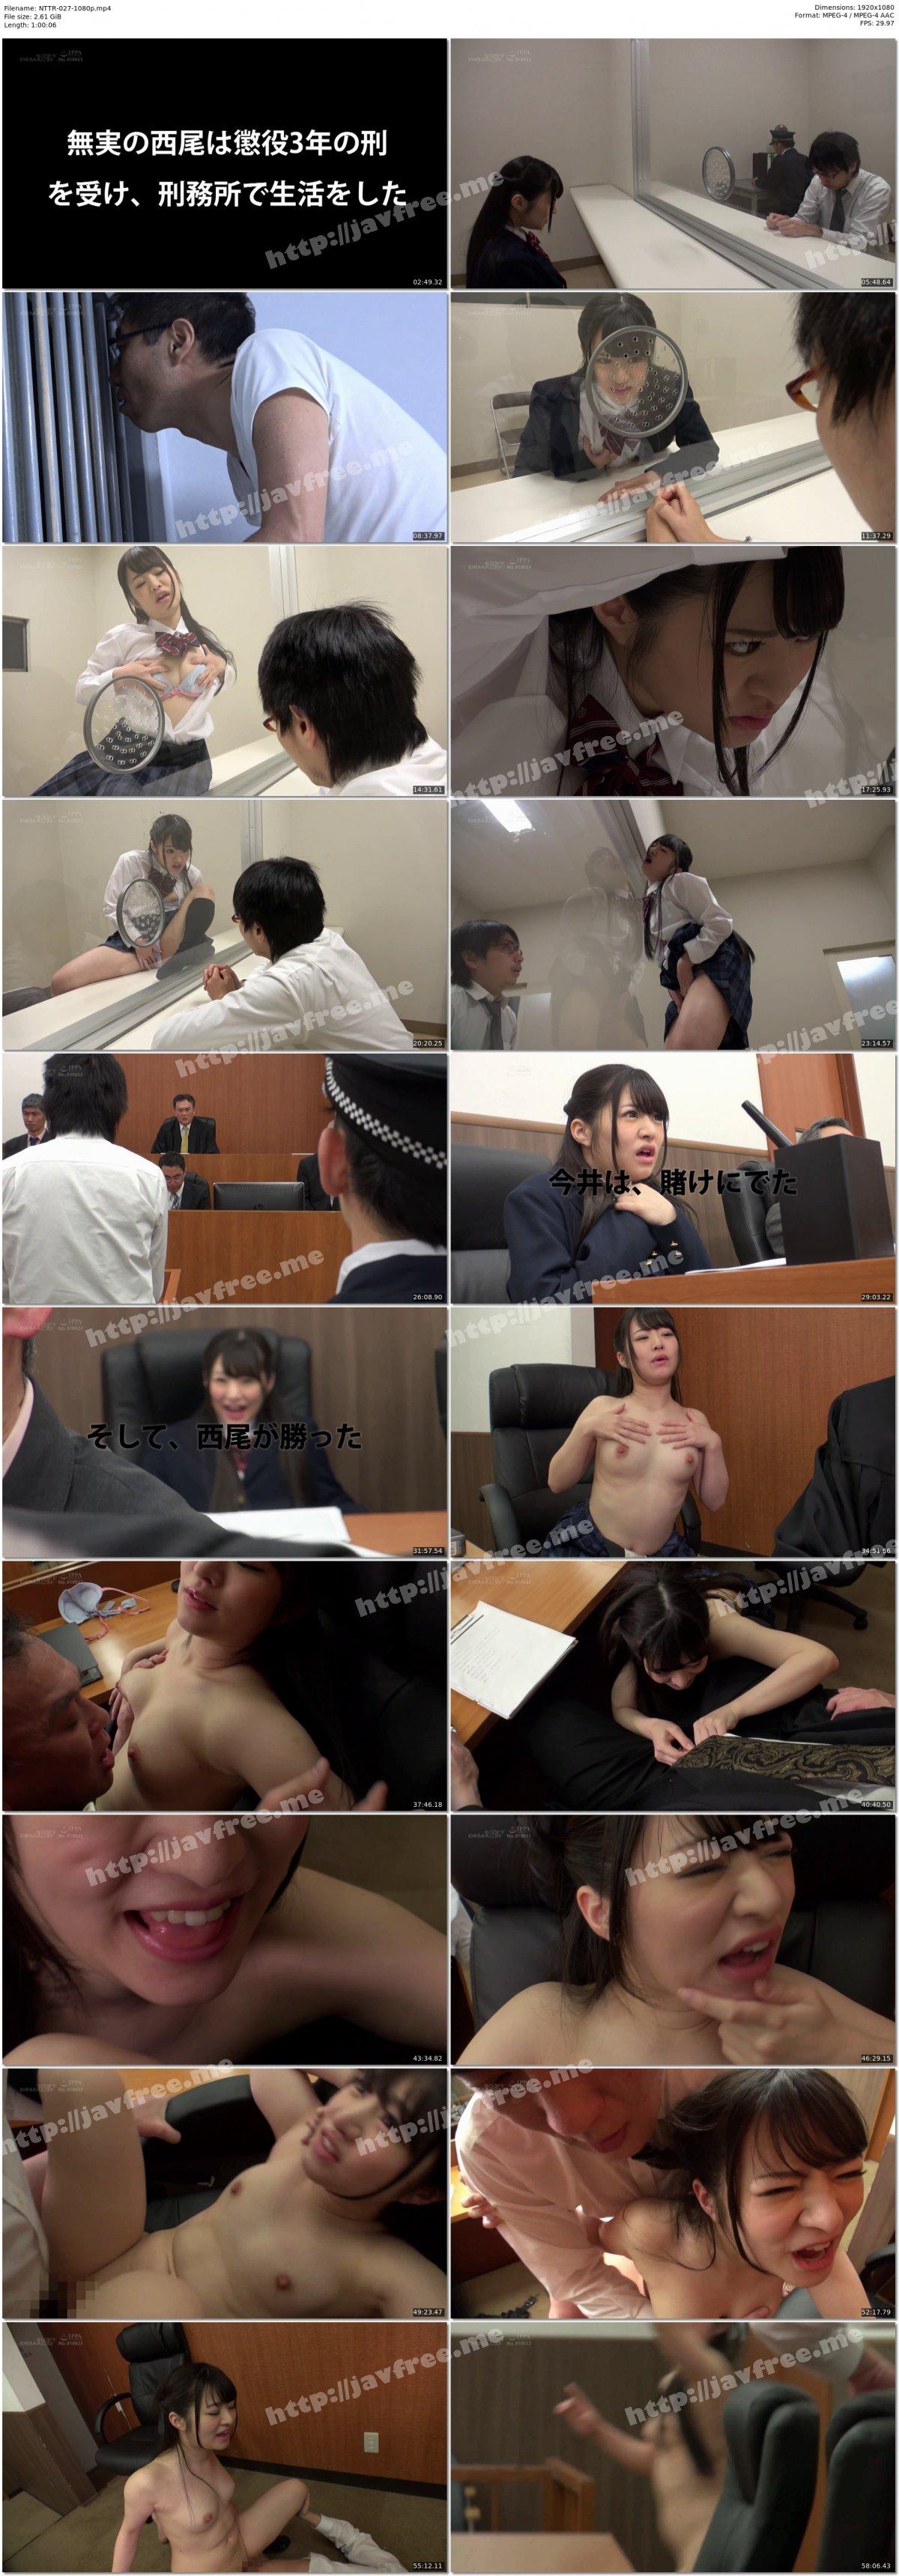 [HD][NTTR-027] ノットリ裁判 それでも私は(ぼくは)憑依していない 桃尻かのん